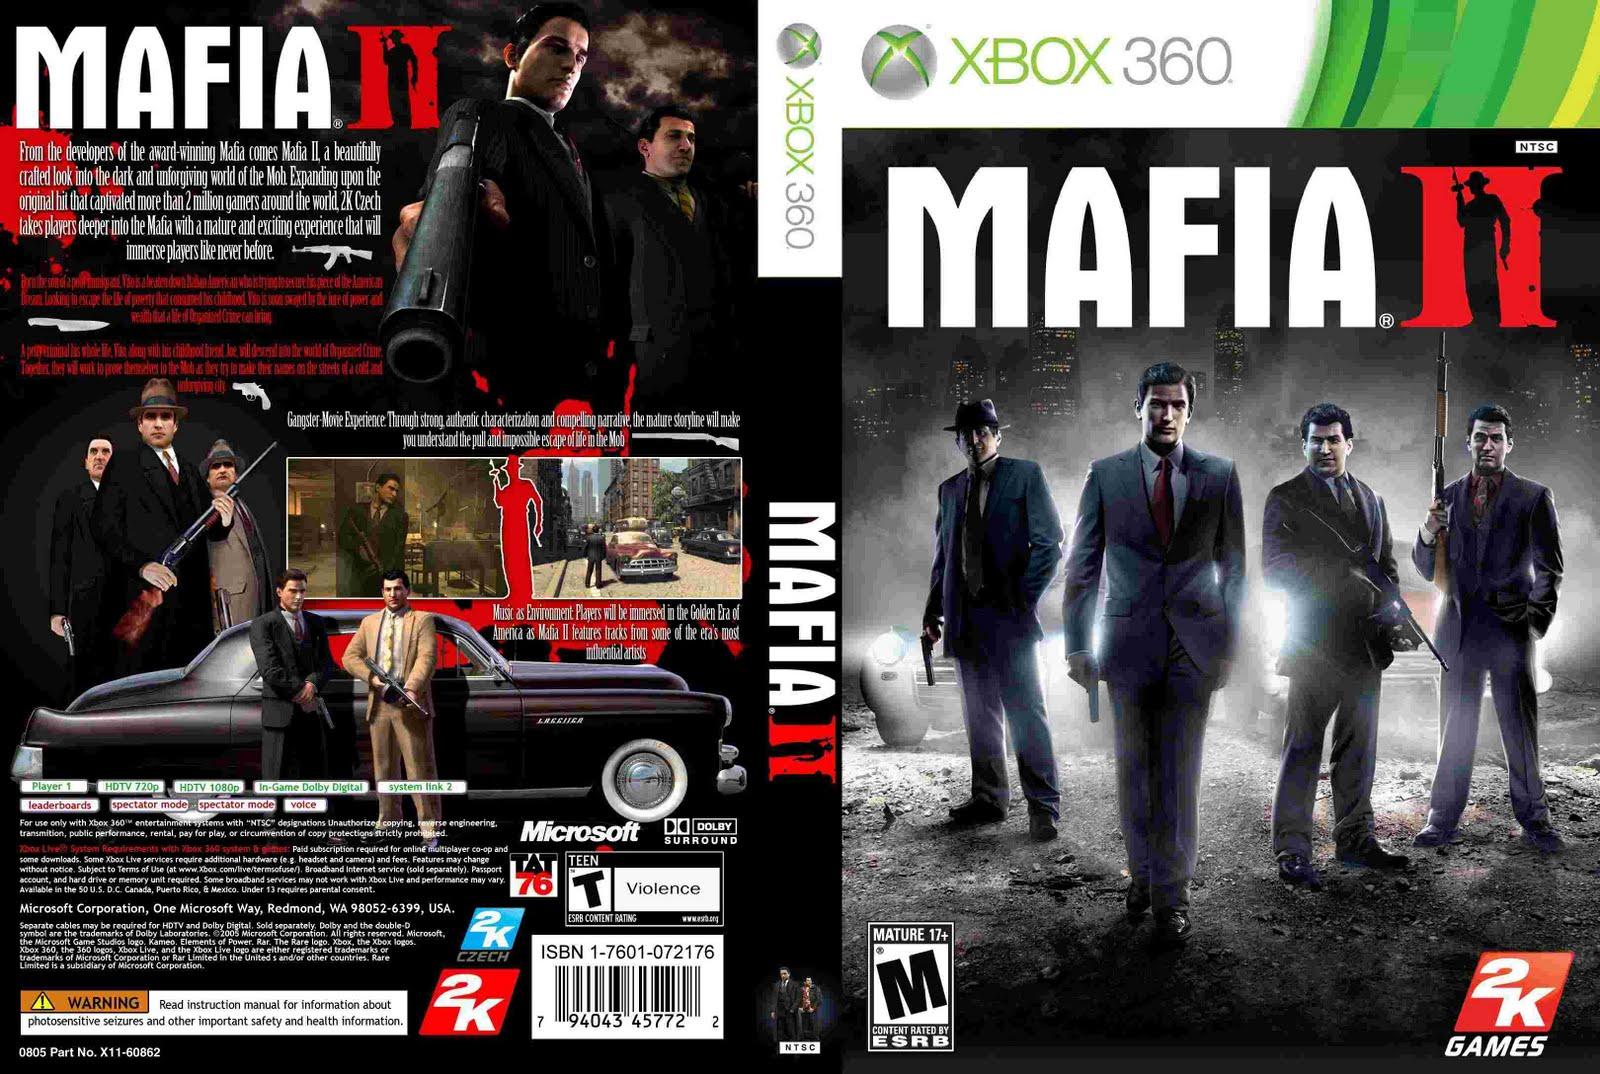 Book Cover Pictures Xbox : Luar games mafia